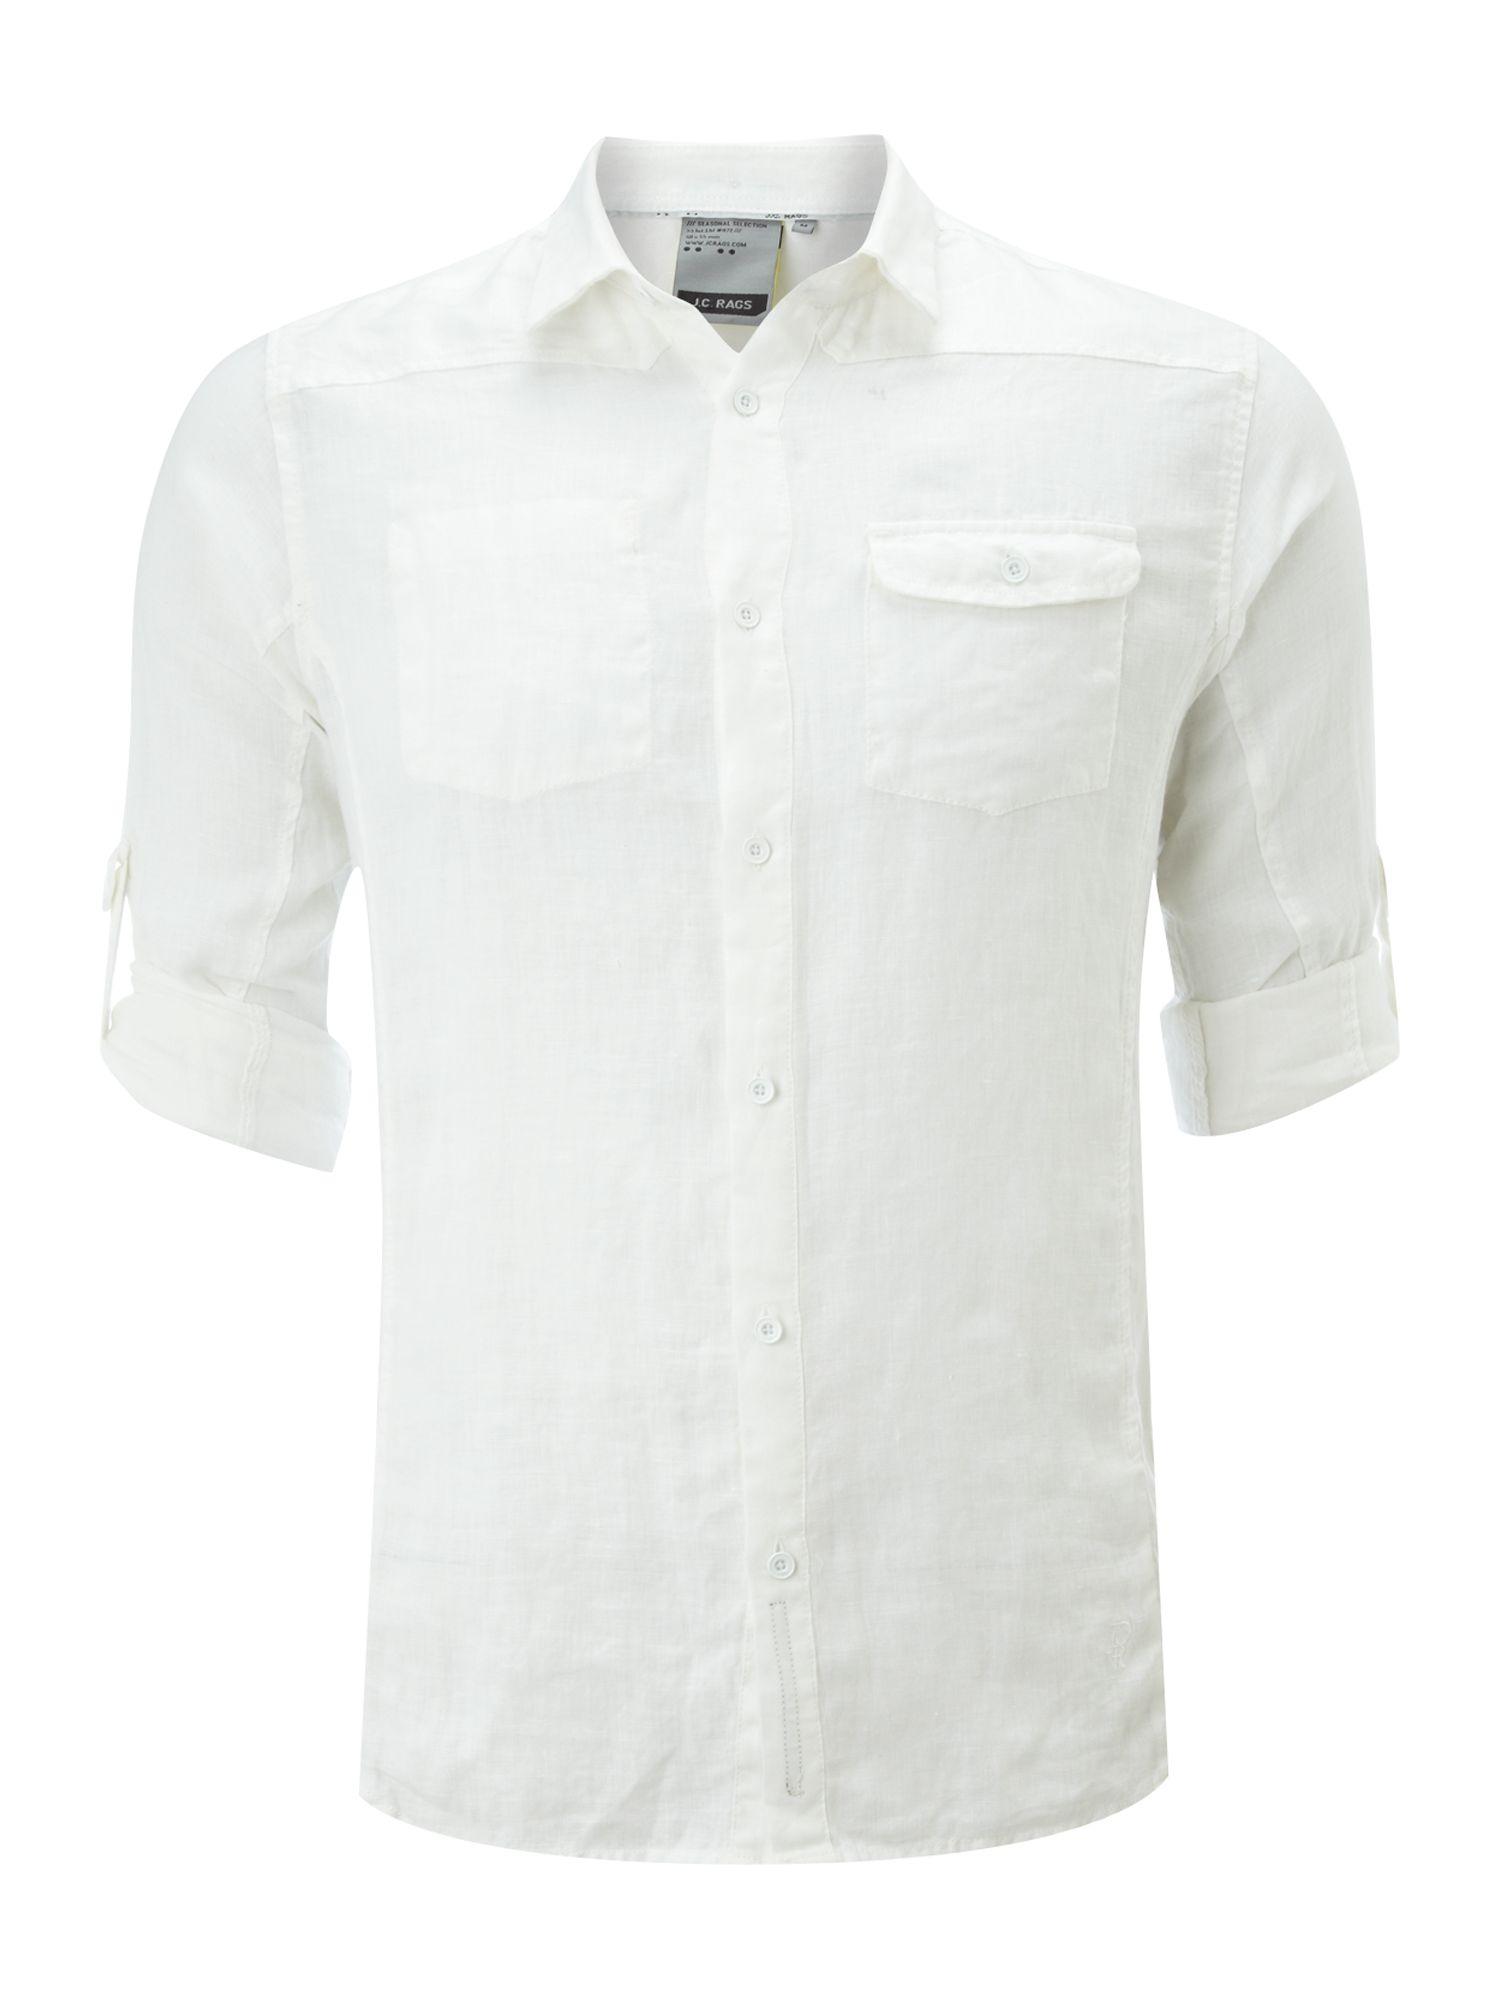 J c rags long sleeve linen shirt in white for men lyst for Linen long sleeve shirt